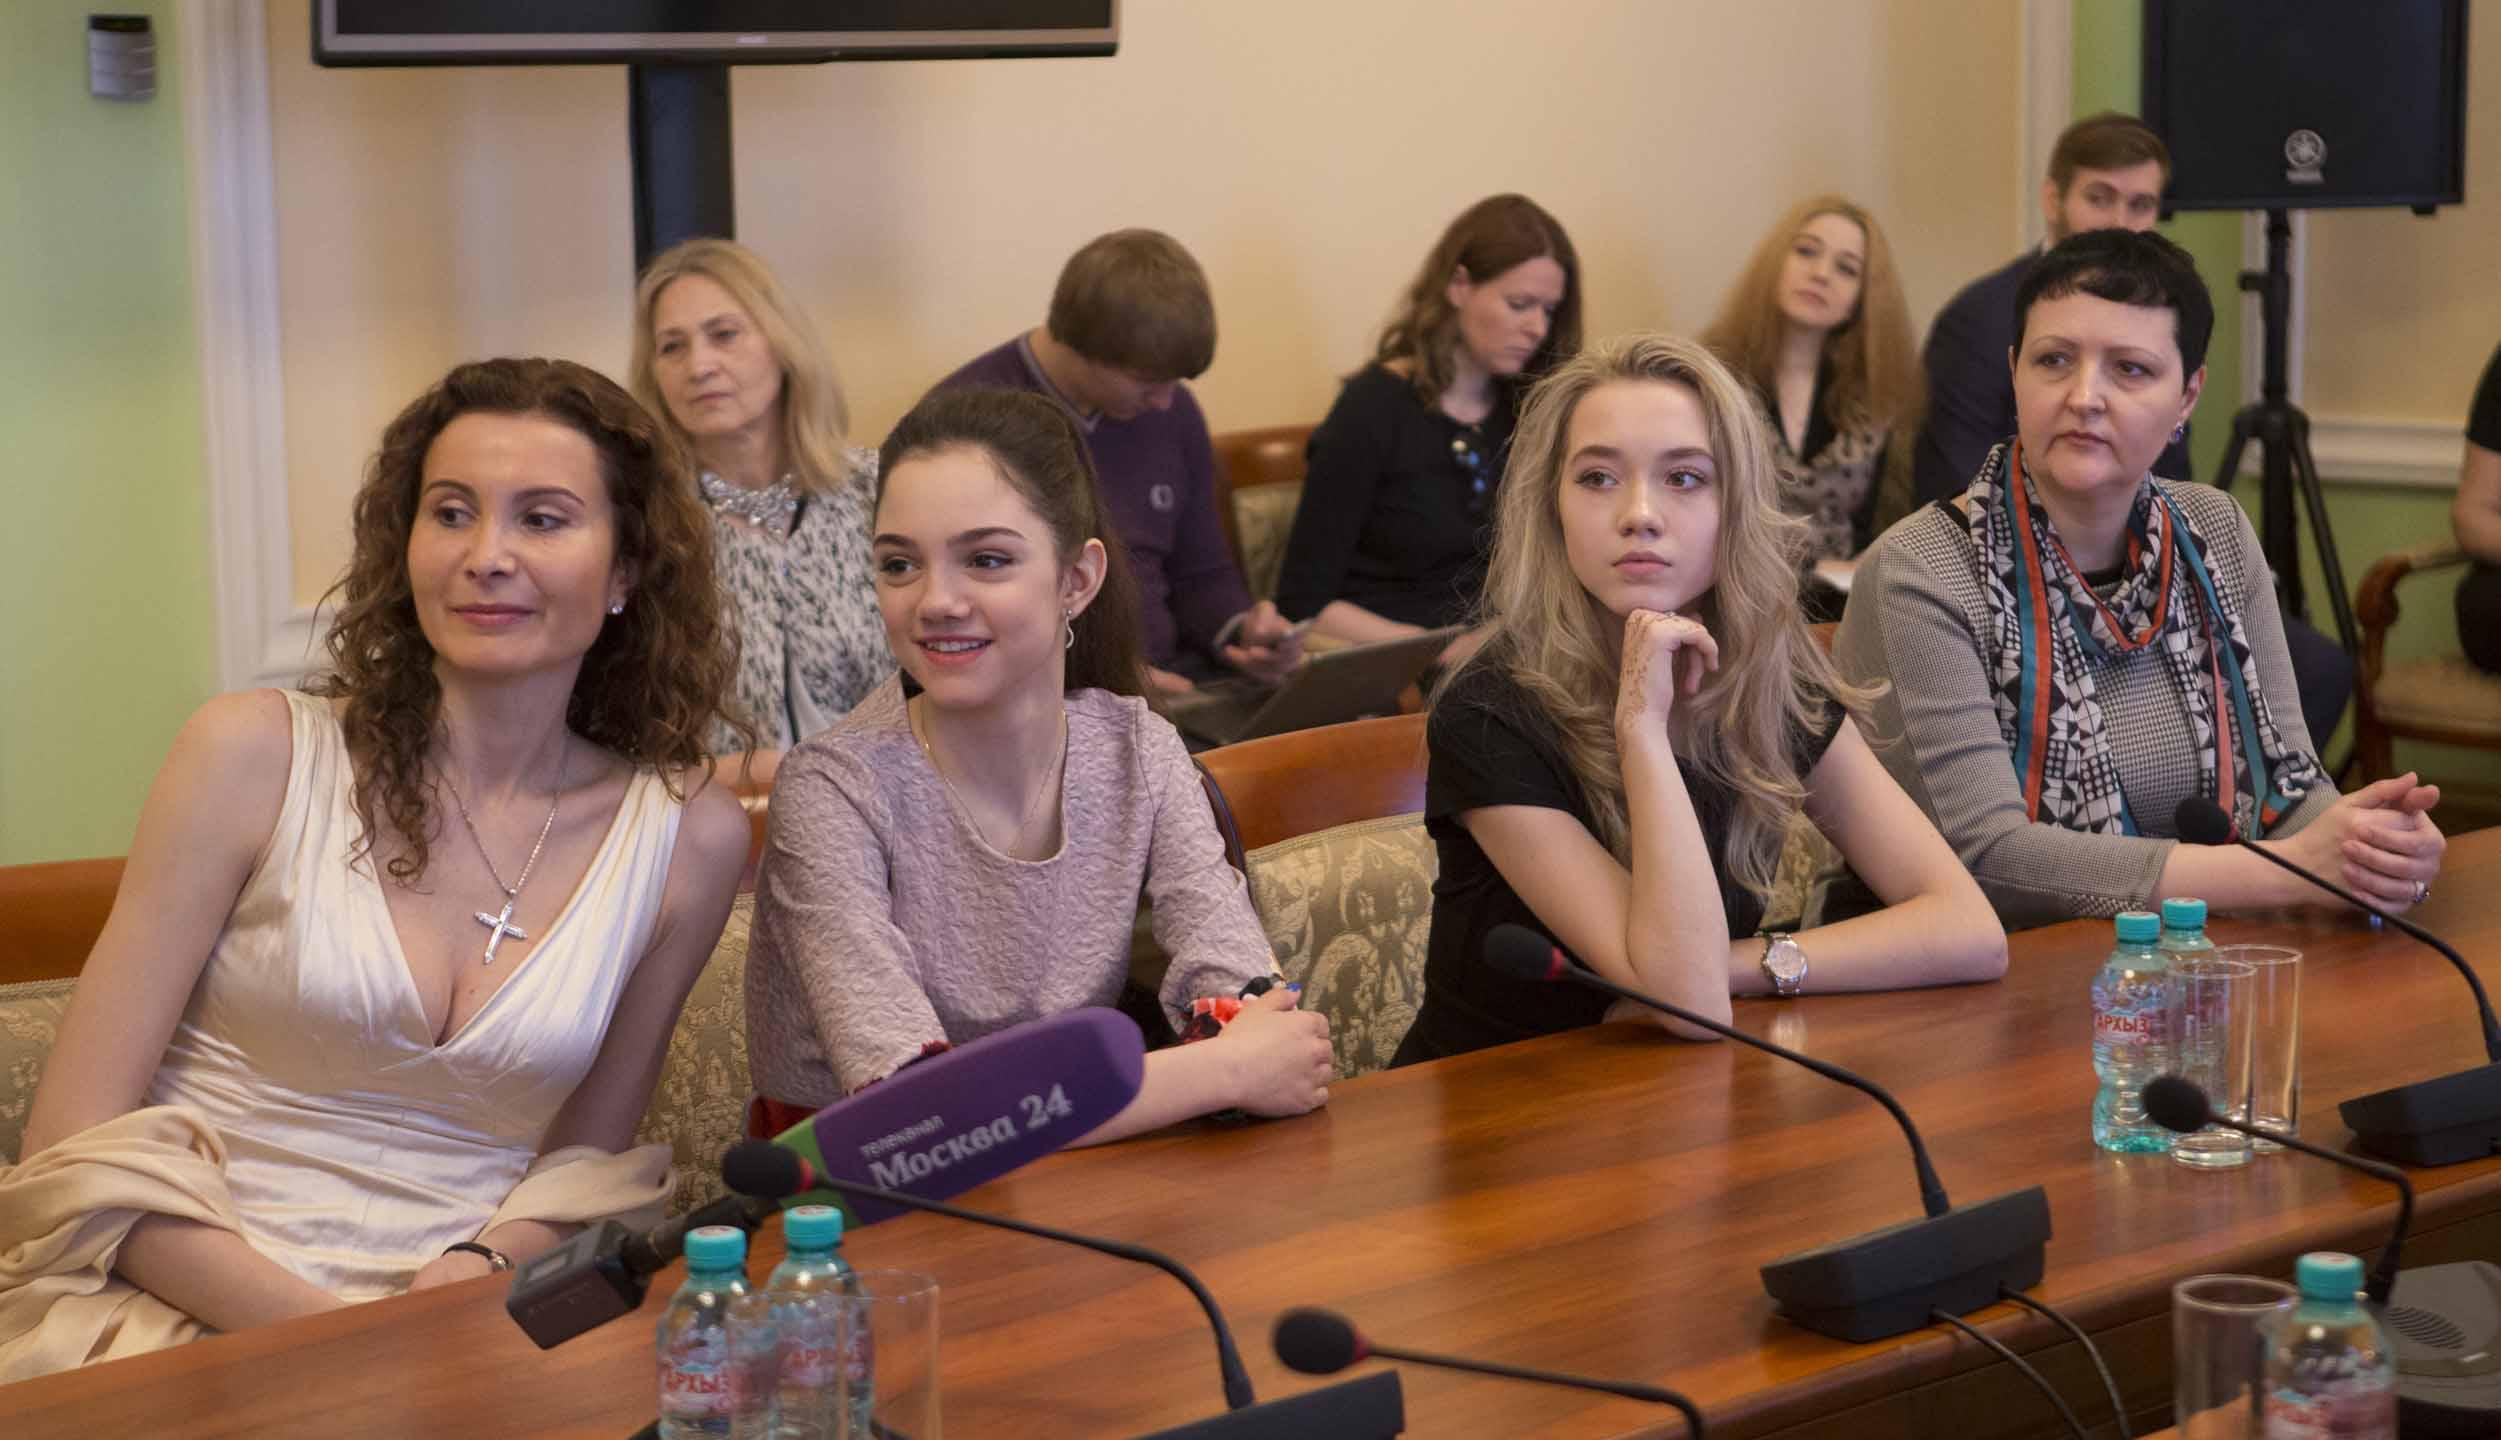 Евгения Медведева - 2 - Страница 4 Gallery_570d0ff027b29